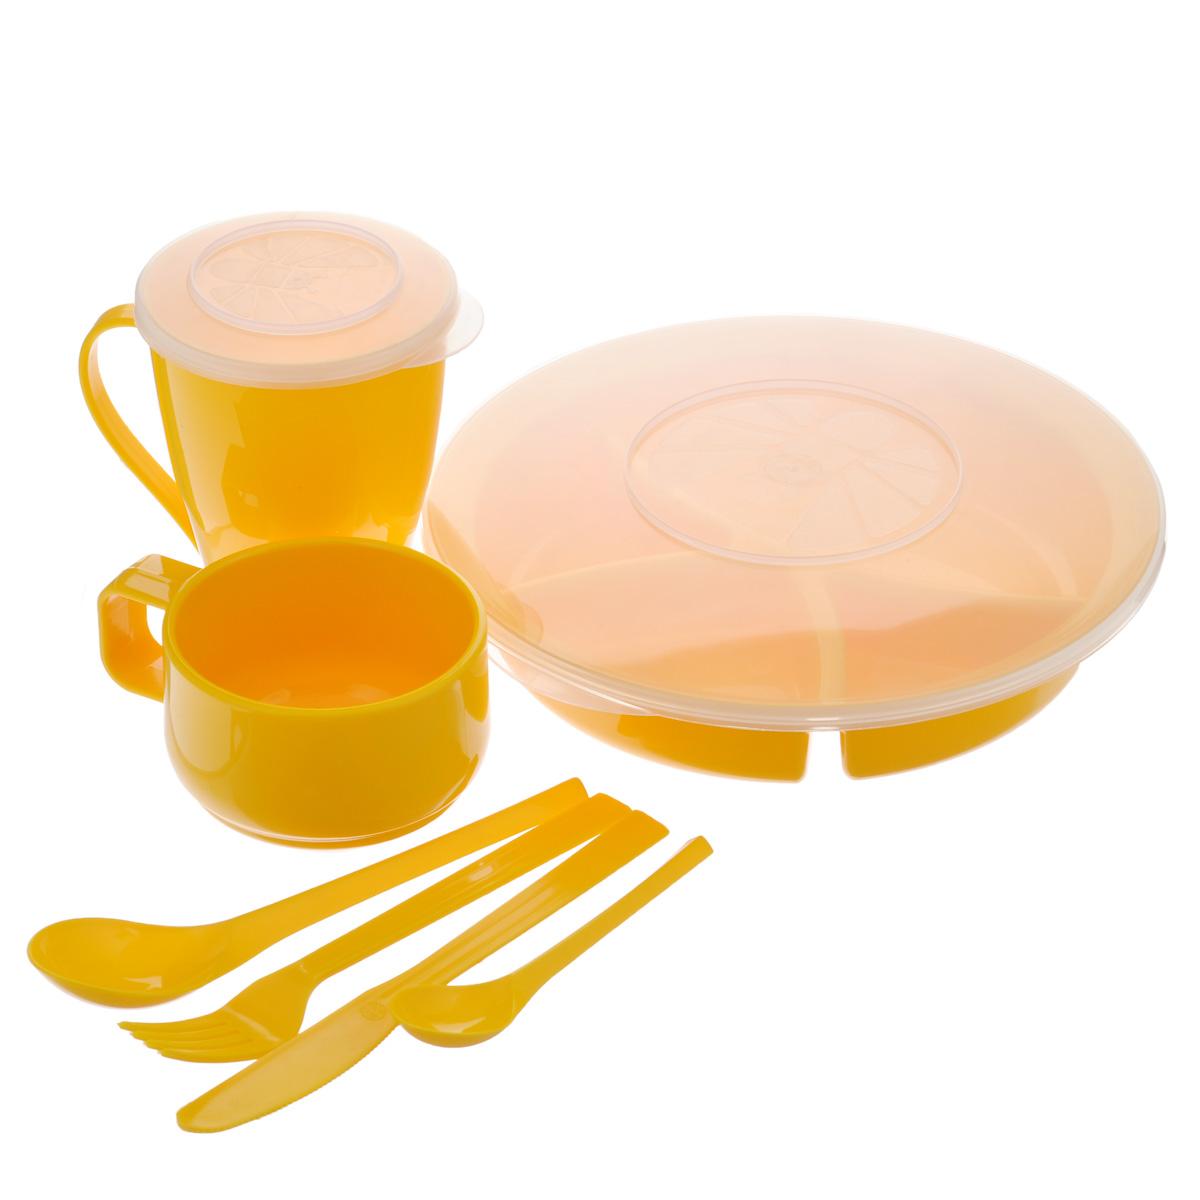 Набор посуды Solaris Вахтовый метод, цвет: желтый, на 1 персонуS1102Компактный набор посуды Solaris Вахтовый метод, выполненный из качественного полипропилена, в удобной виниловой сумке с ручкой и молнией.Свойства посуды:Посуда из ударопрочного пищевого полипропилена предназначена для многократного использования. Легкая, прочная и износостойкая, экологически чистая, эта посуда работает в диапазоне температур от -25°С до +110°С. Можно мыть в посудомоечной машине. Эта посуда также обеспечивает:Хранение горячих и холодных пищевых продуктов;Разогрев продуктов в микроволновой печи;Приготовление пищи в микроволновой печи на пару (пароварка);Хранение продуктов в холодильной и морозильной камере;Кипячение воды с помощью электрокипятильника.Состав набора:Менажница с герметичной крышкой;Чашка для супа с герметичной крышкой, объем 0,5 л;Чашка объемом 0,28 л;Вилка;Ложка столовая;Нож;Ложка чайная.Диаметр менажницы: 22,5 см.Высота менажницы: 5 см.Диаметр чашки для супа по верхнему краю: 9,2 см.Диаметр дна чашки для супа: 5,7 см.Высота чашки для супа: 12,5 см.Диаметр чашки по верхнему краю: 9,3 см.Диаметр дна чашки: 6 см.Высота чашки: 6,5 см.Длина ложки: 19 см.Длина вилки: 19 см.Длина ножа: 19 см.Длина чайной ложки: 13,5 см.